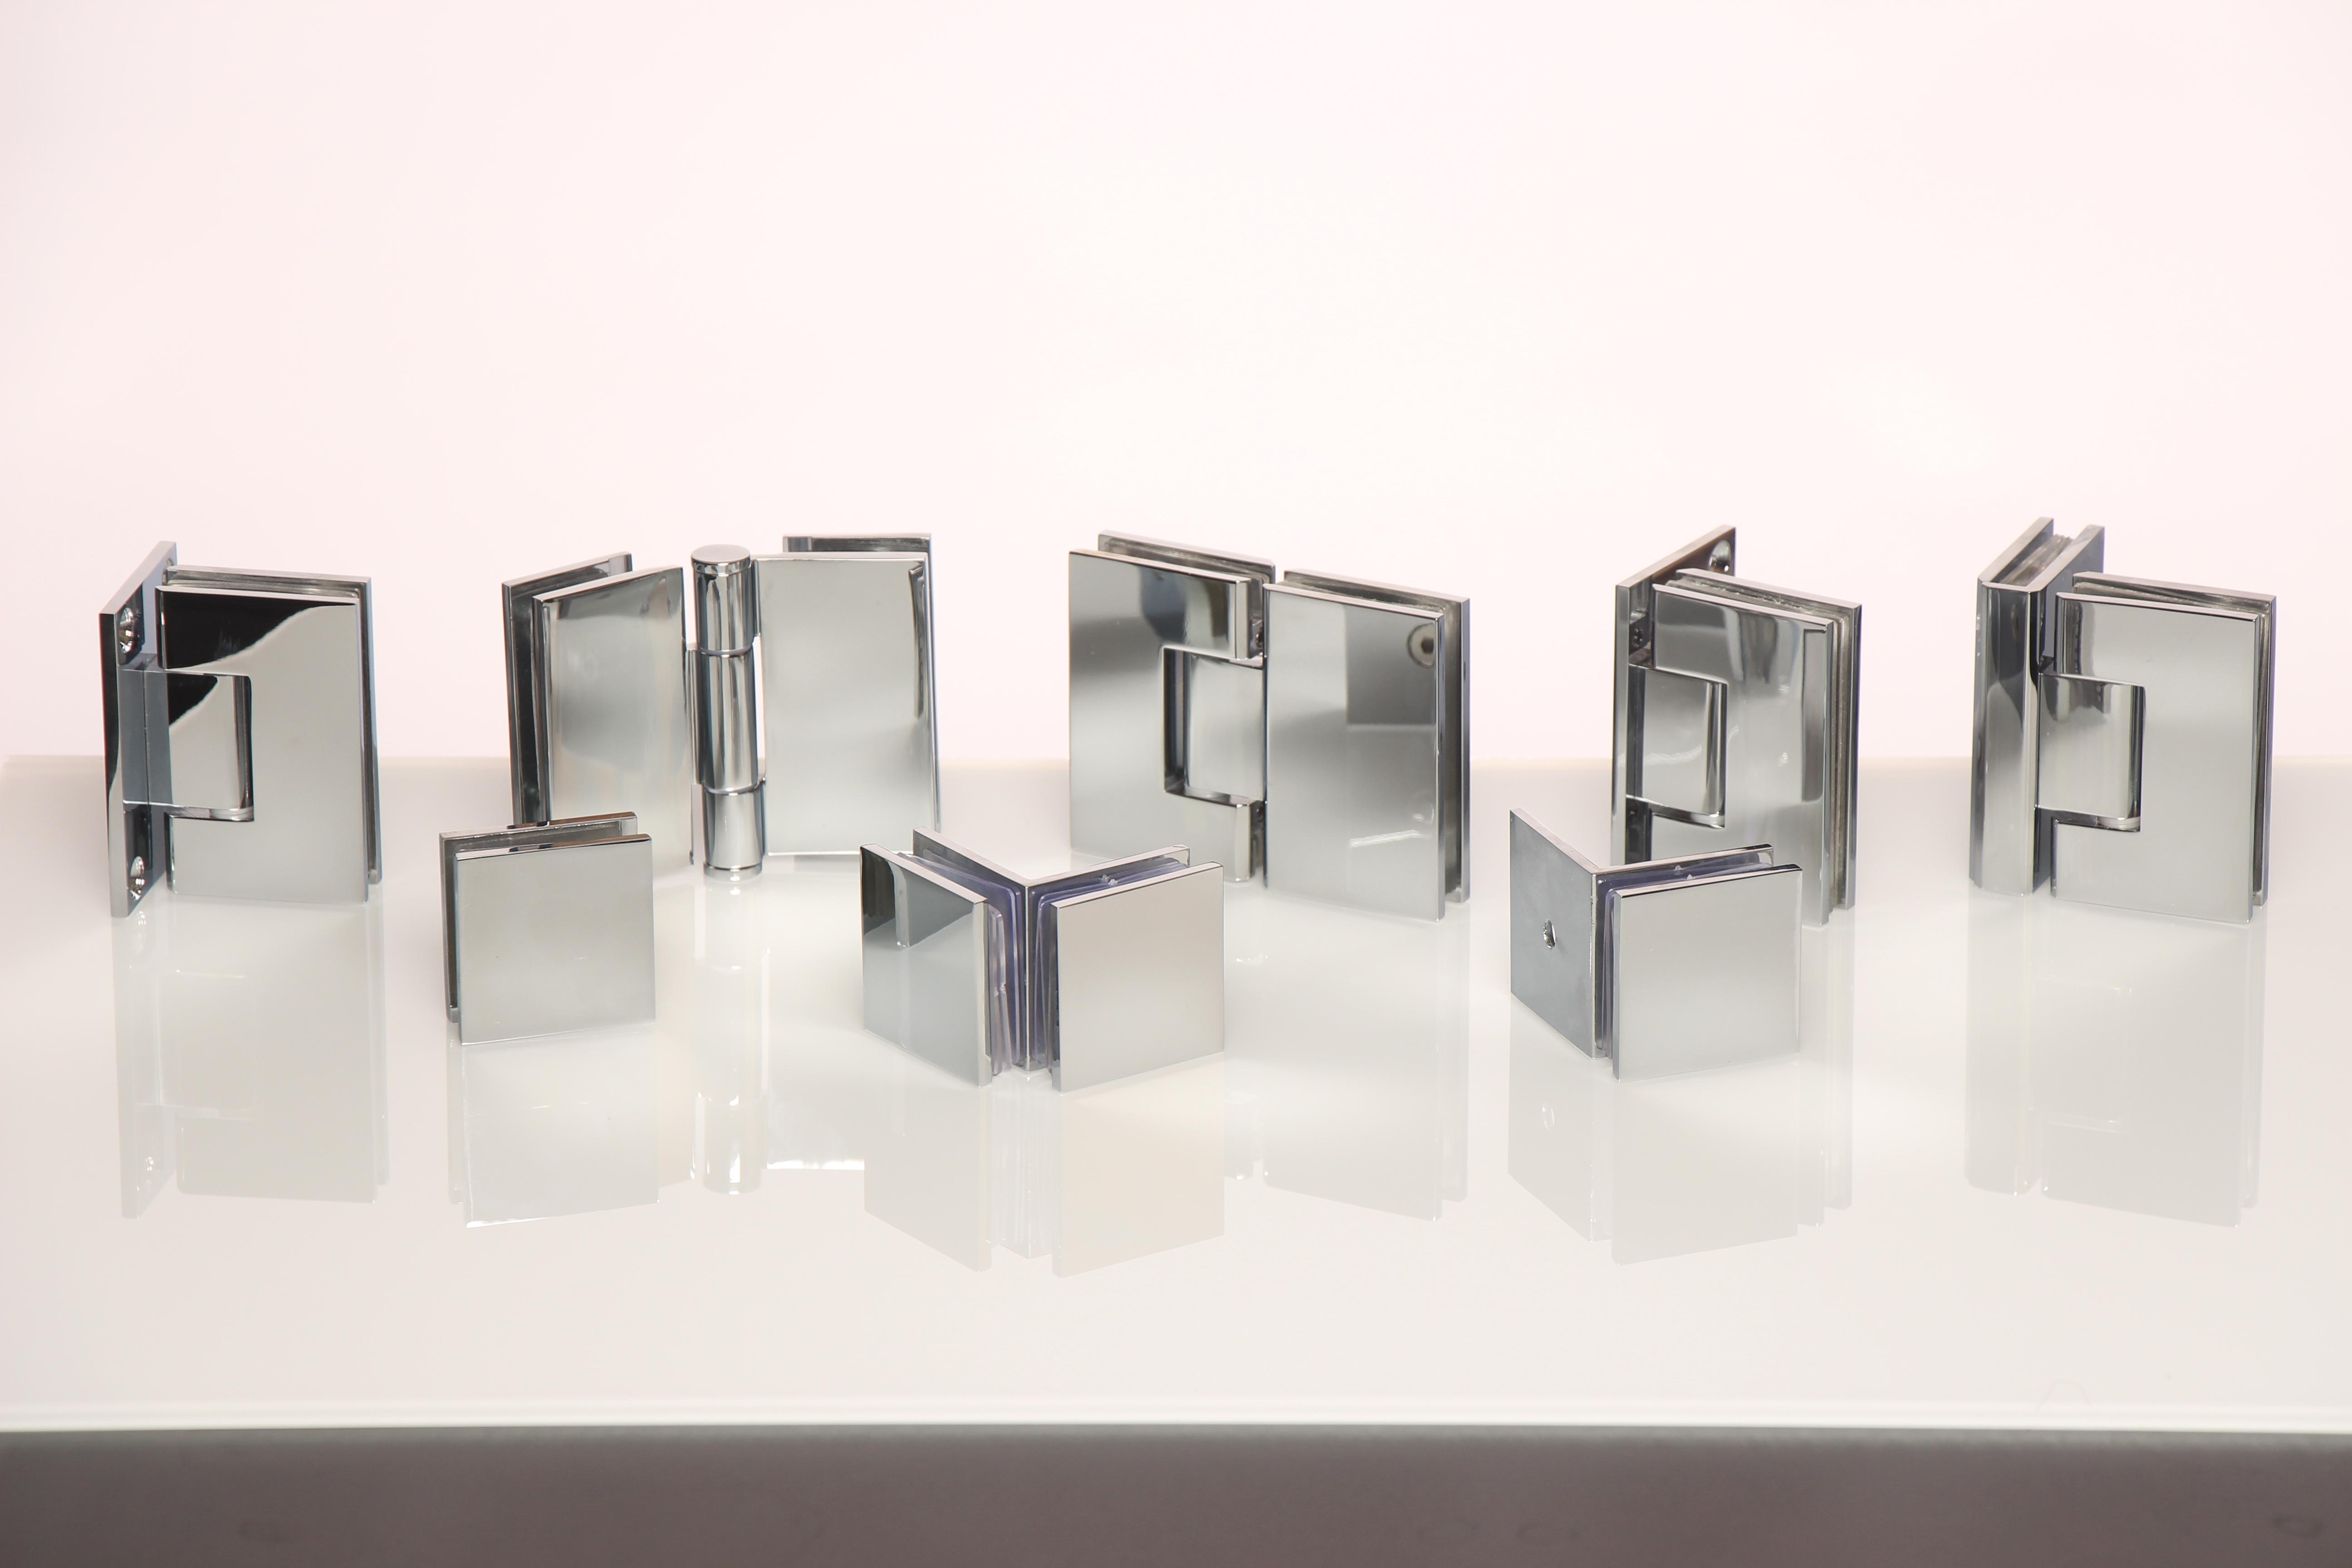 üvegszerelvények